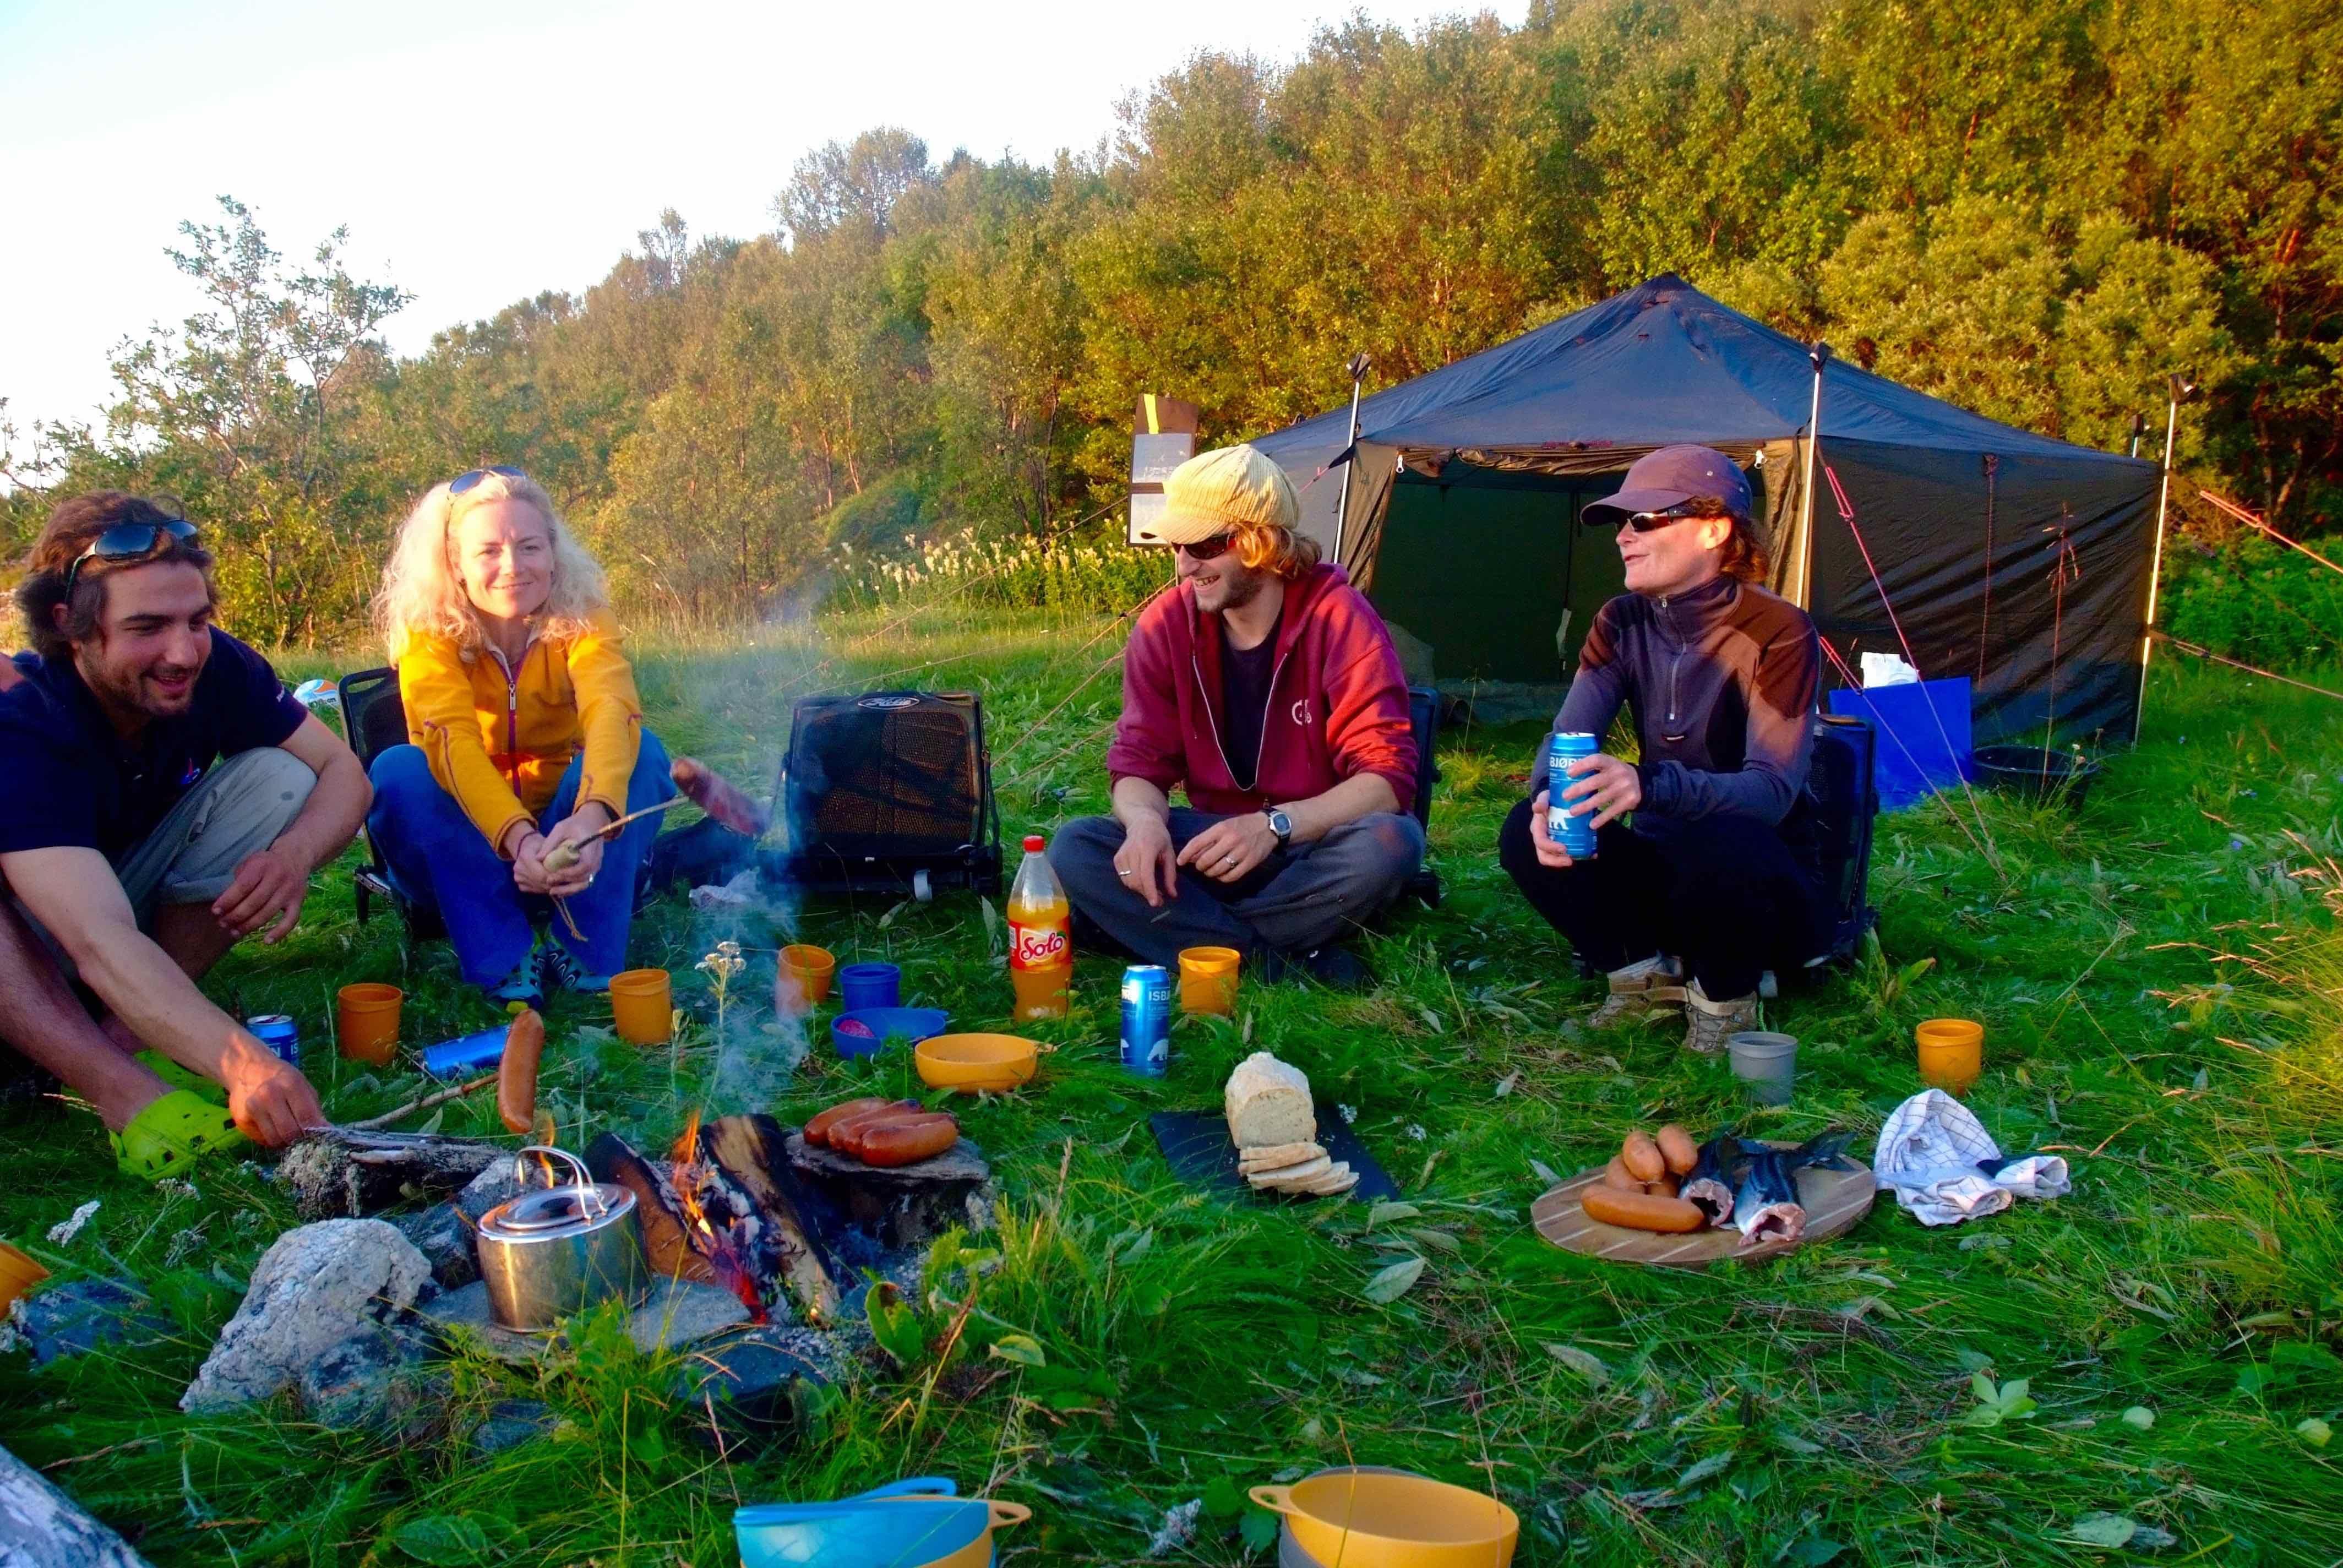 Olivier Pitras,  © 69 Nord Sommarøy outdoor Center, Seks-dagers tur med Seilkajakk og vandring utenfor allfarvei – 69 Nord Sommarøy Outdoor Center